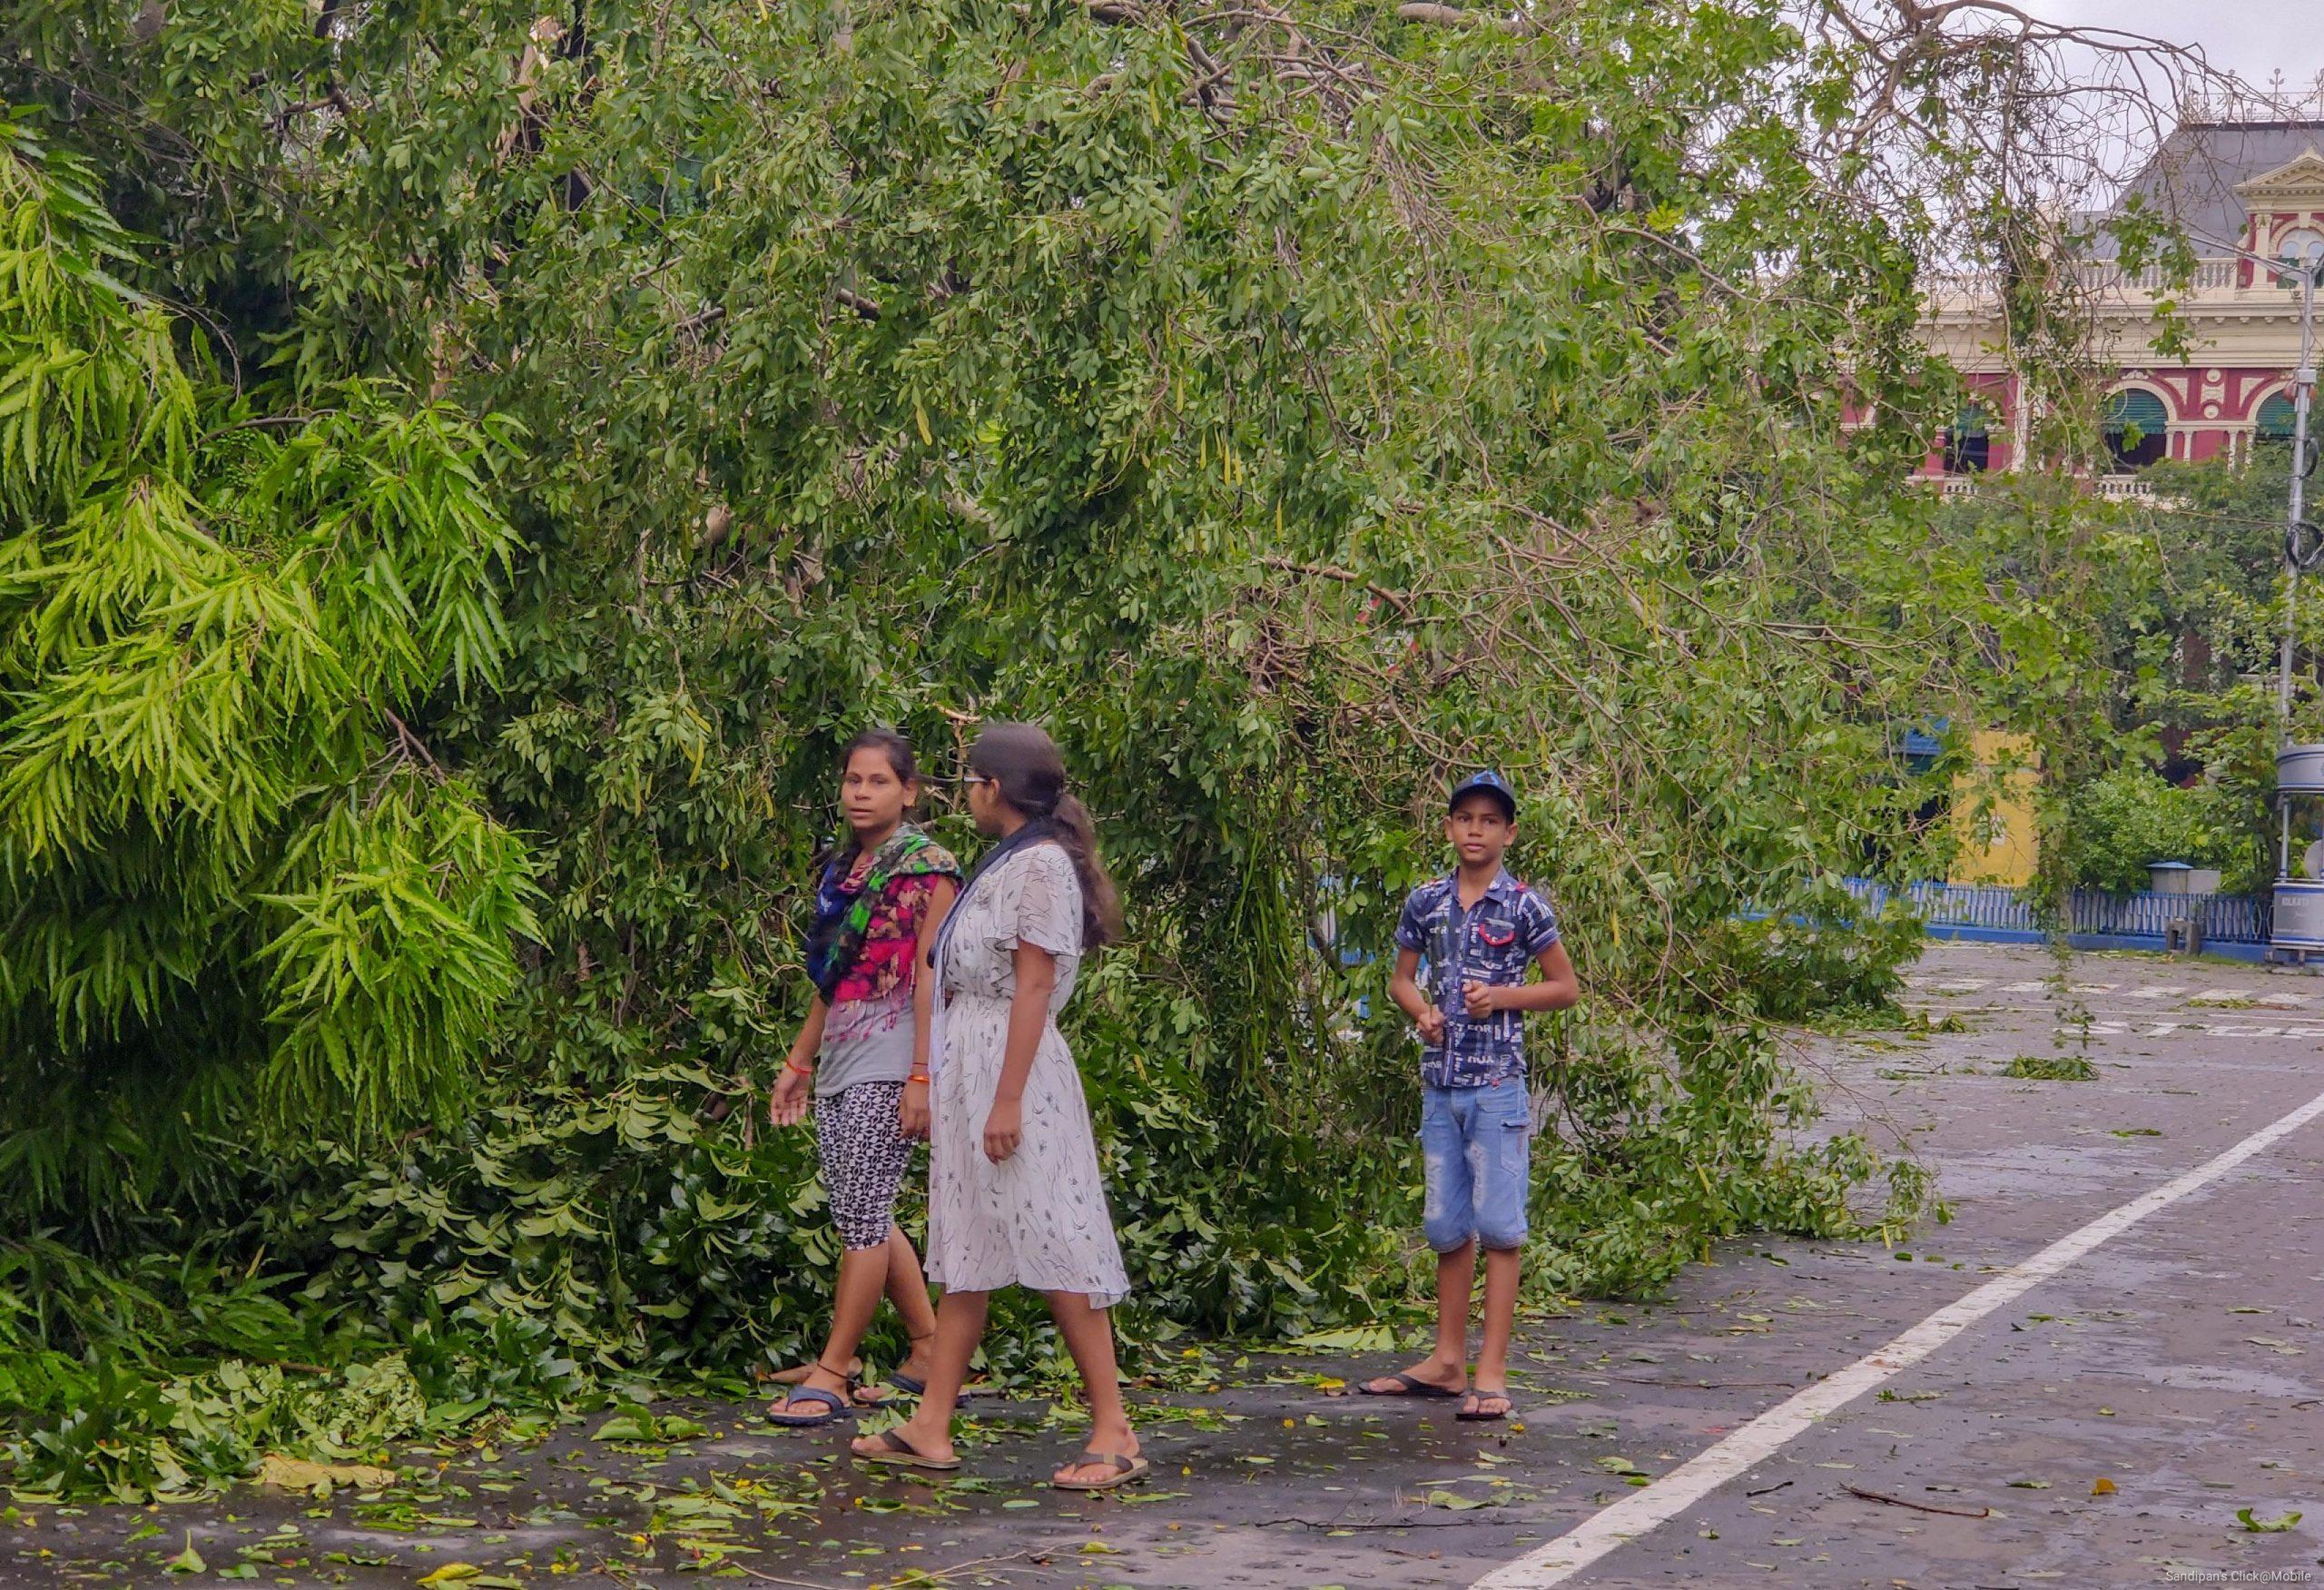 Kids near a fallen tree